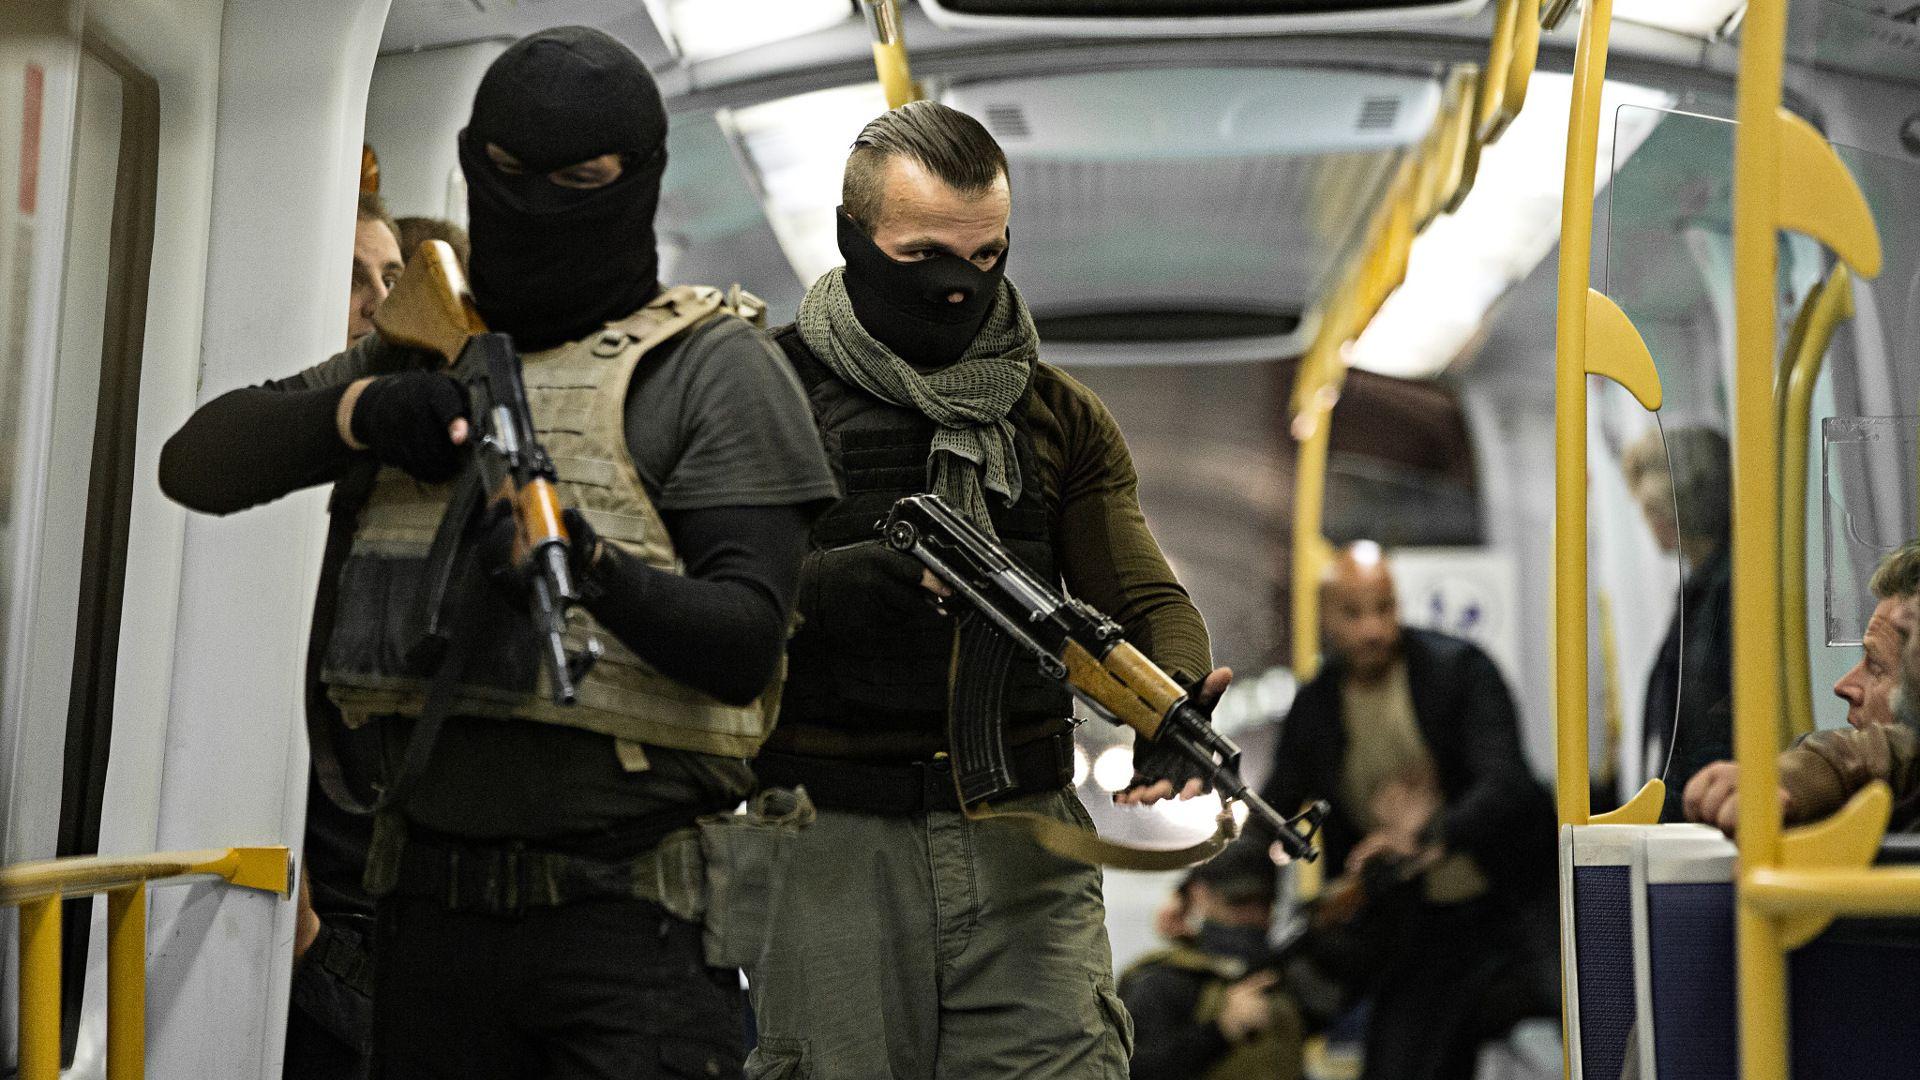 Copenhagen, 2017. 15 Innocent People Are Held Hostage